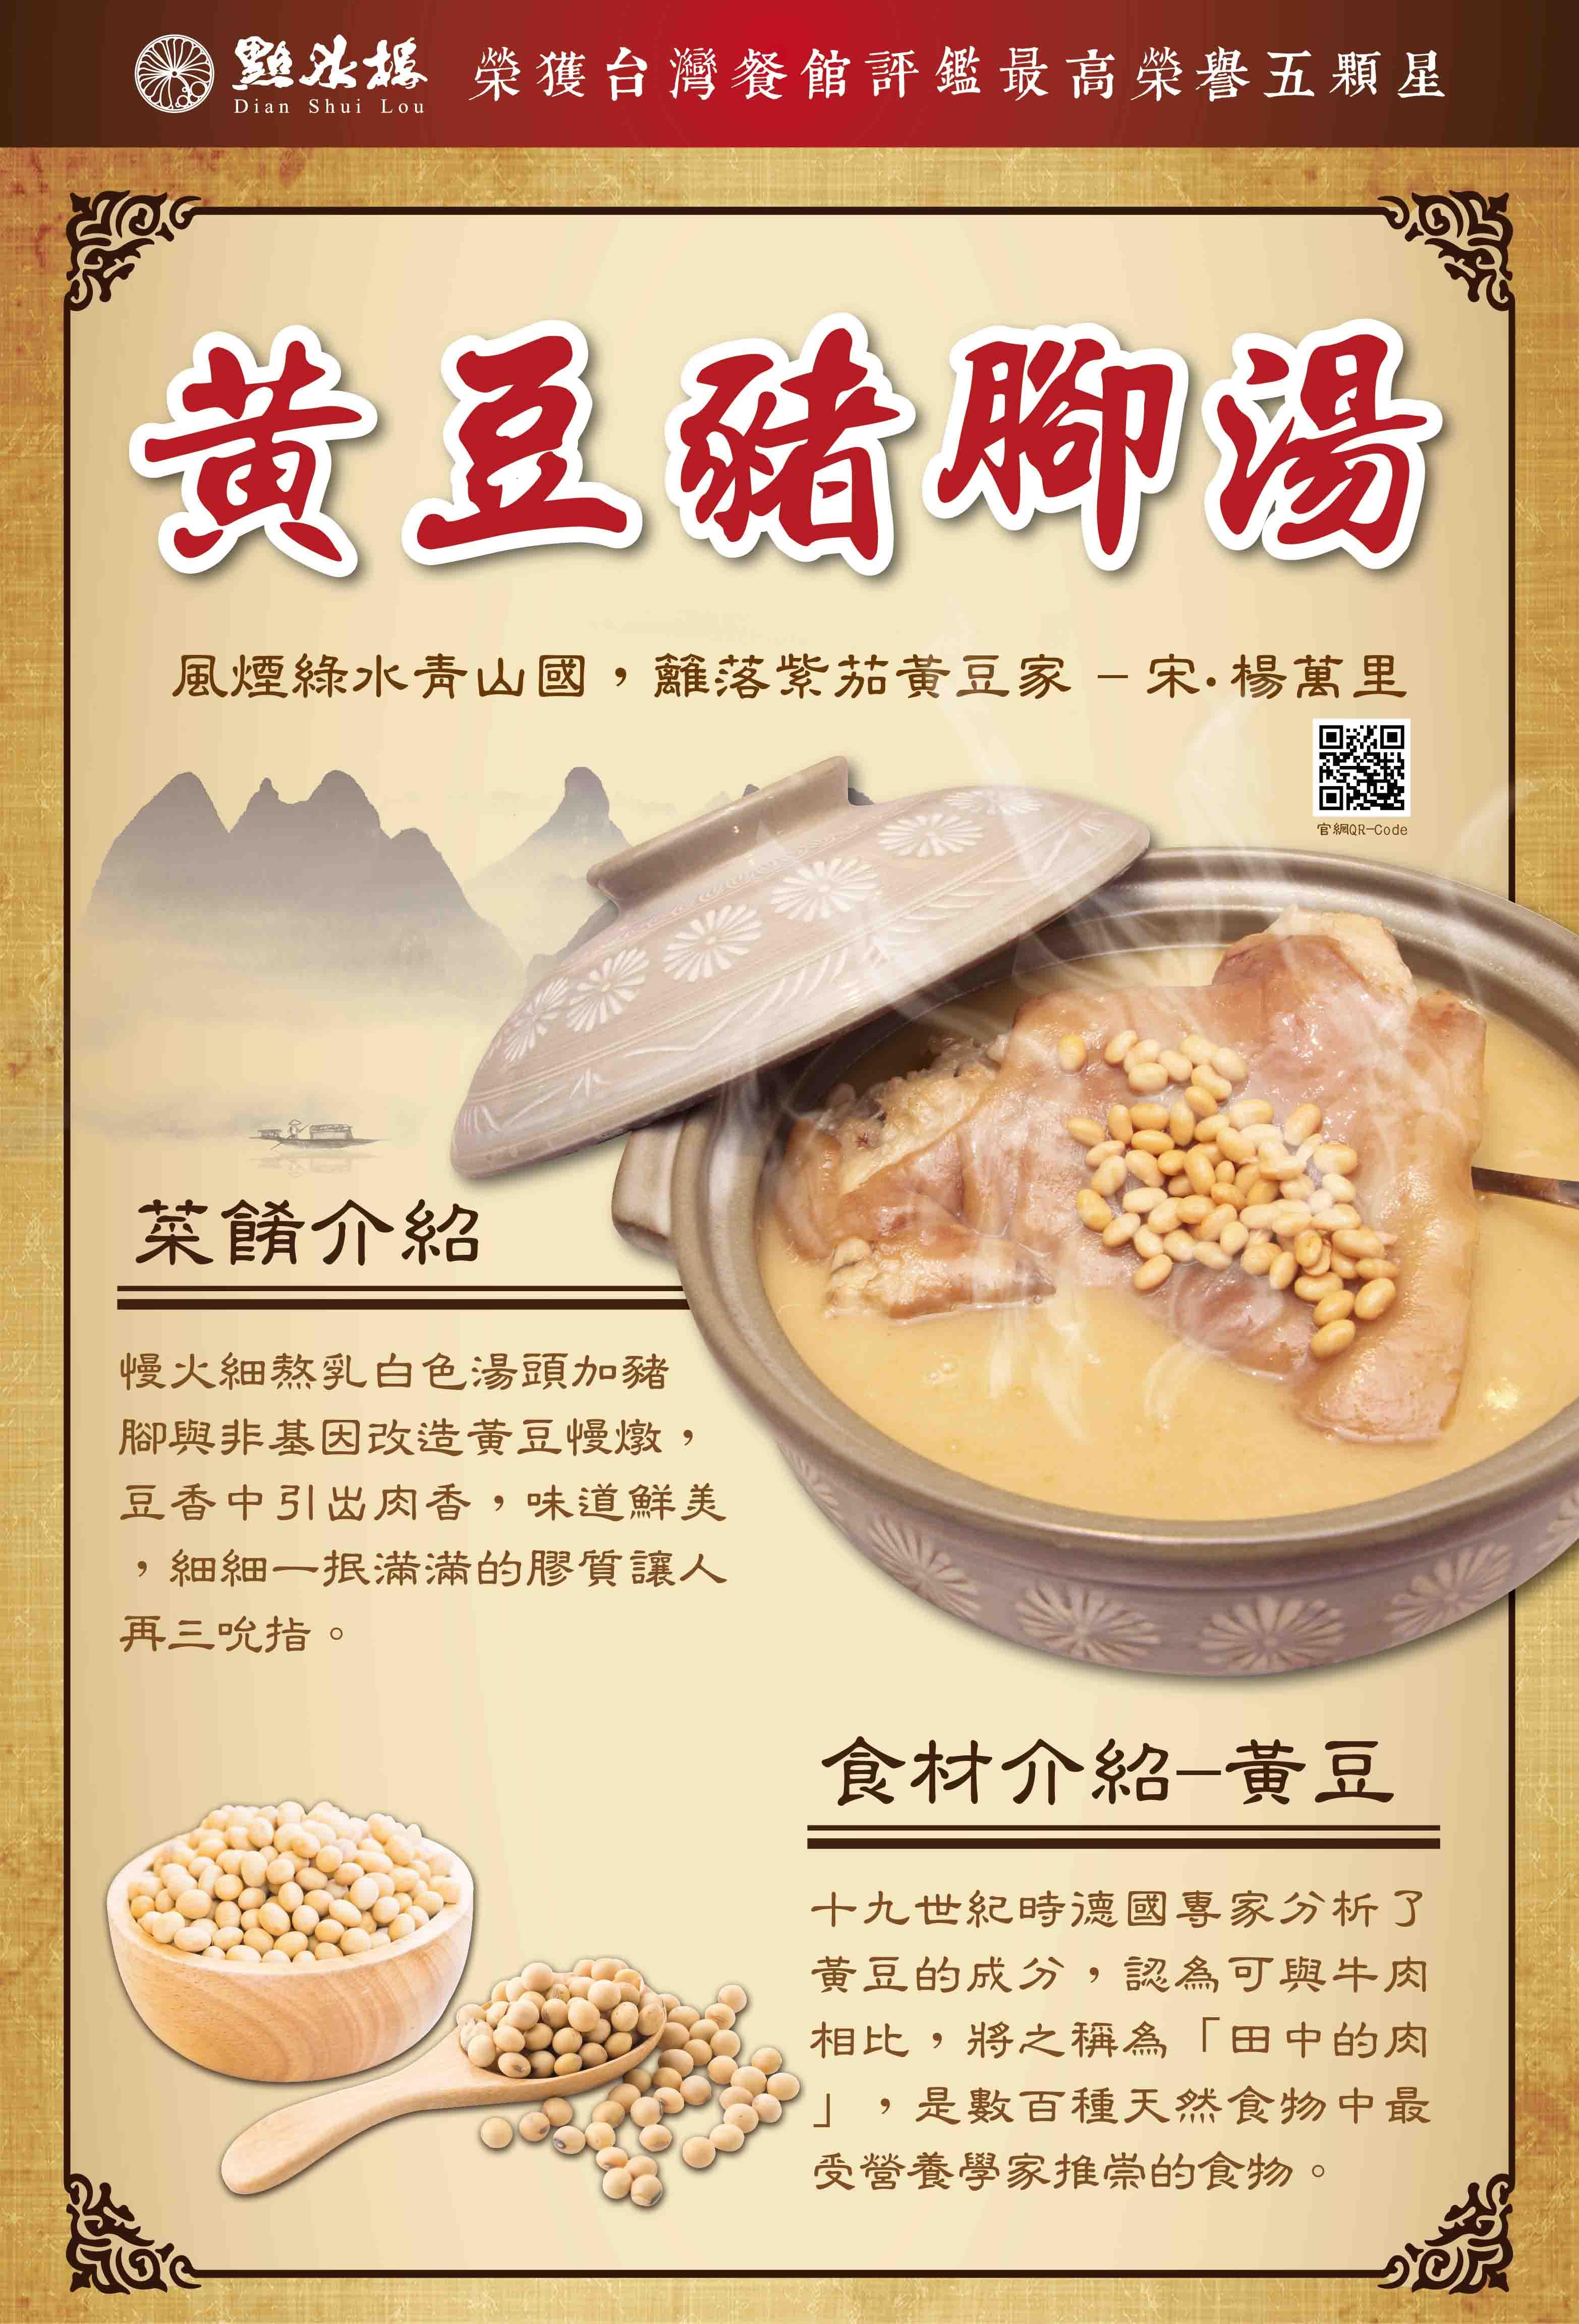 點水樓:黃豆豬腳湯